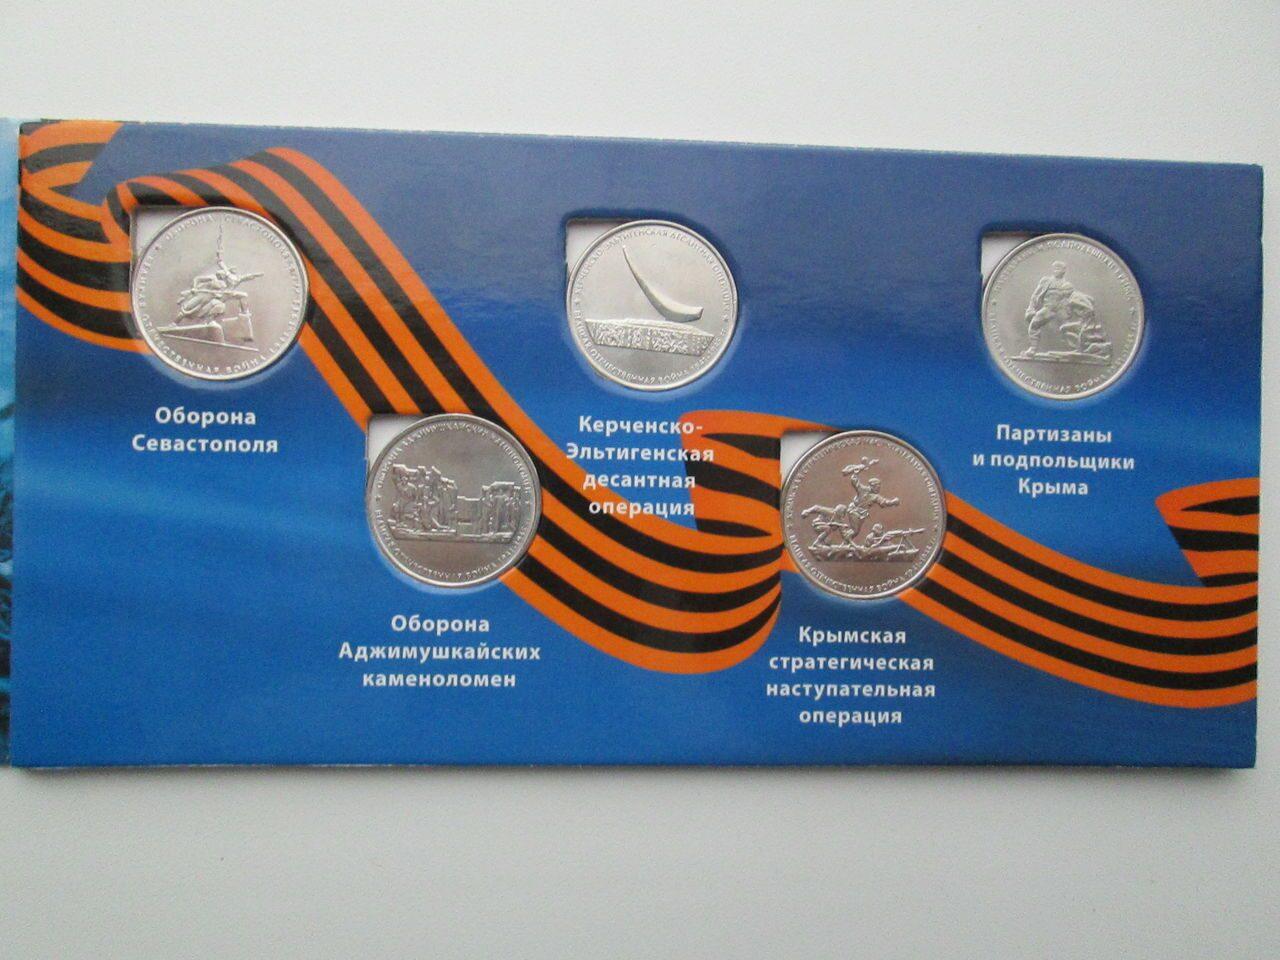 Альбом для монет освобождение крыма российские монеты википедия